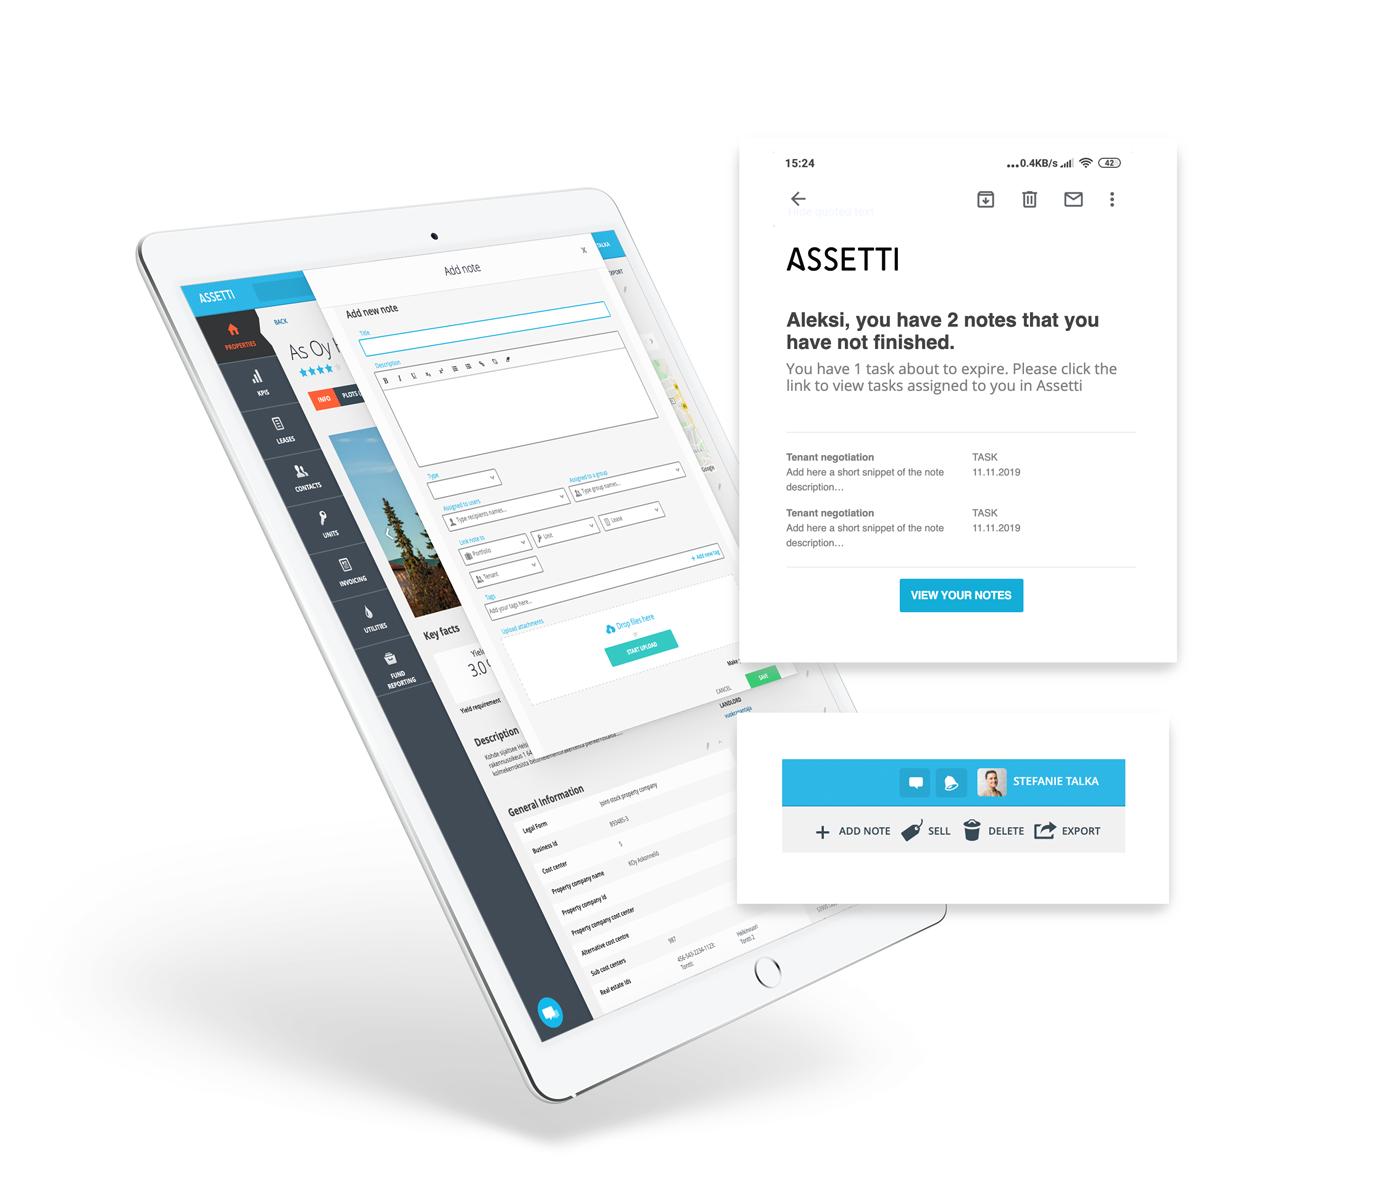 Notiz Funktion in Assetti für besseren Mieterservice